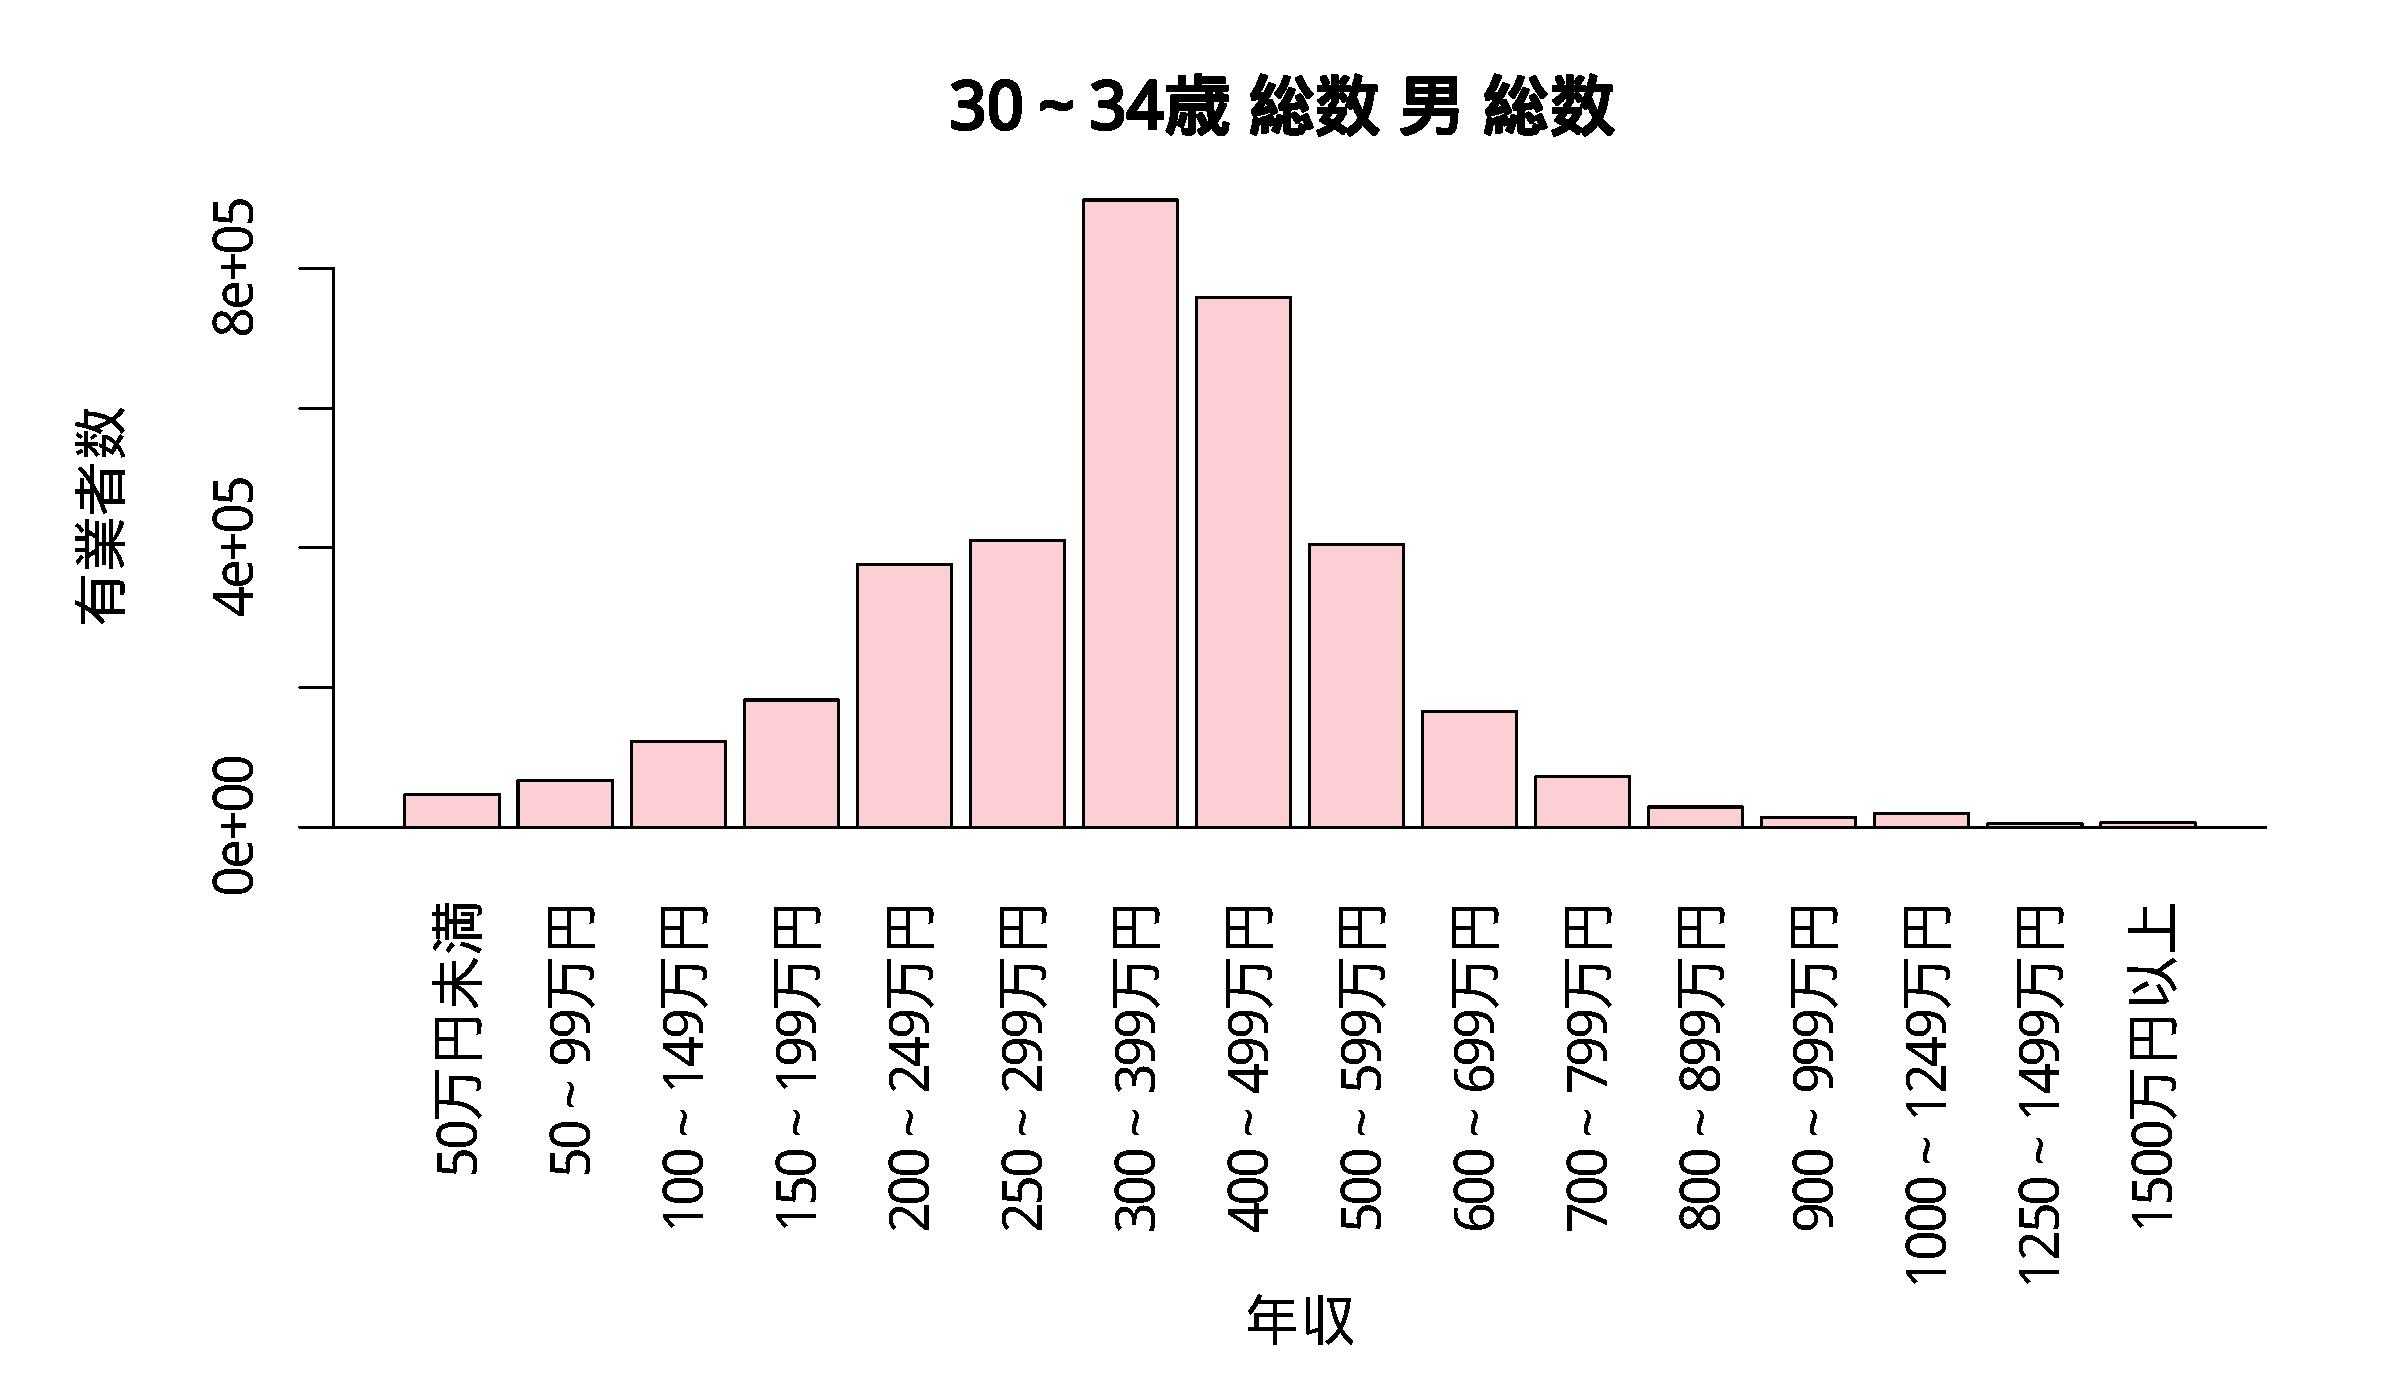 年収分布 30~34歳 総数 男 総数